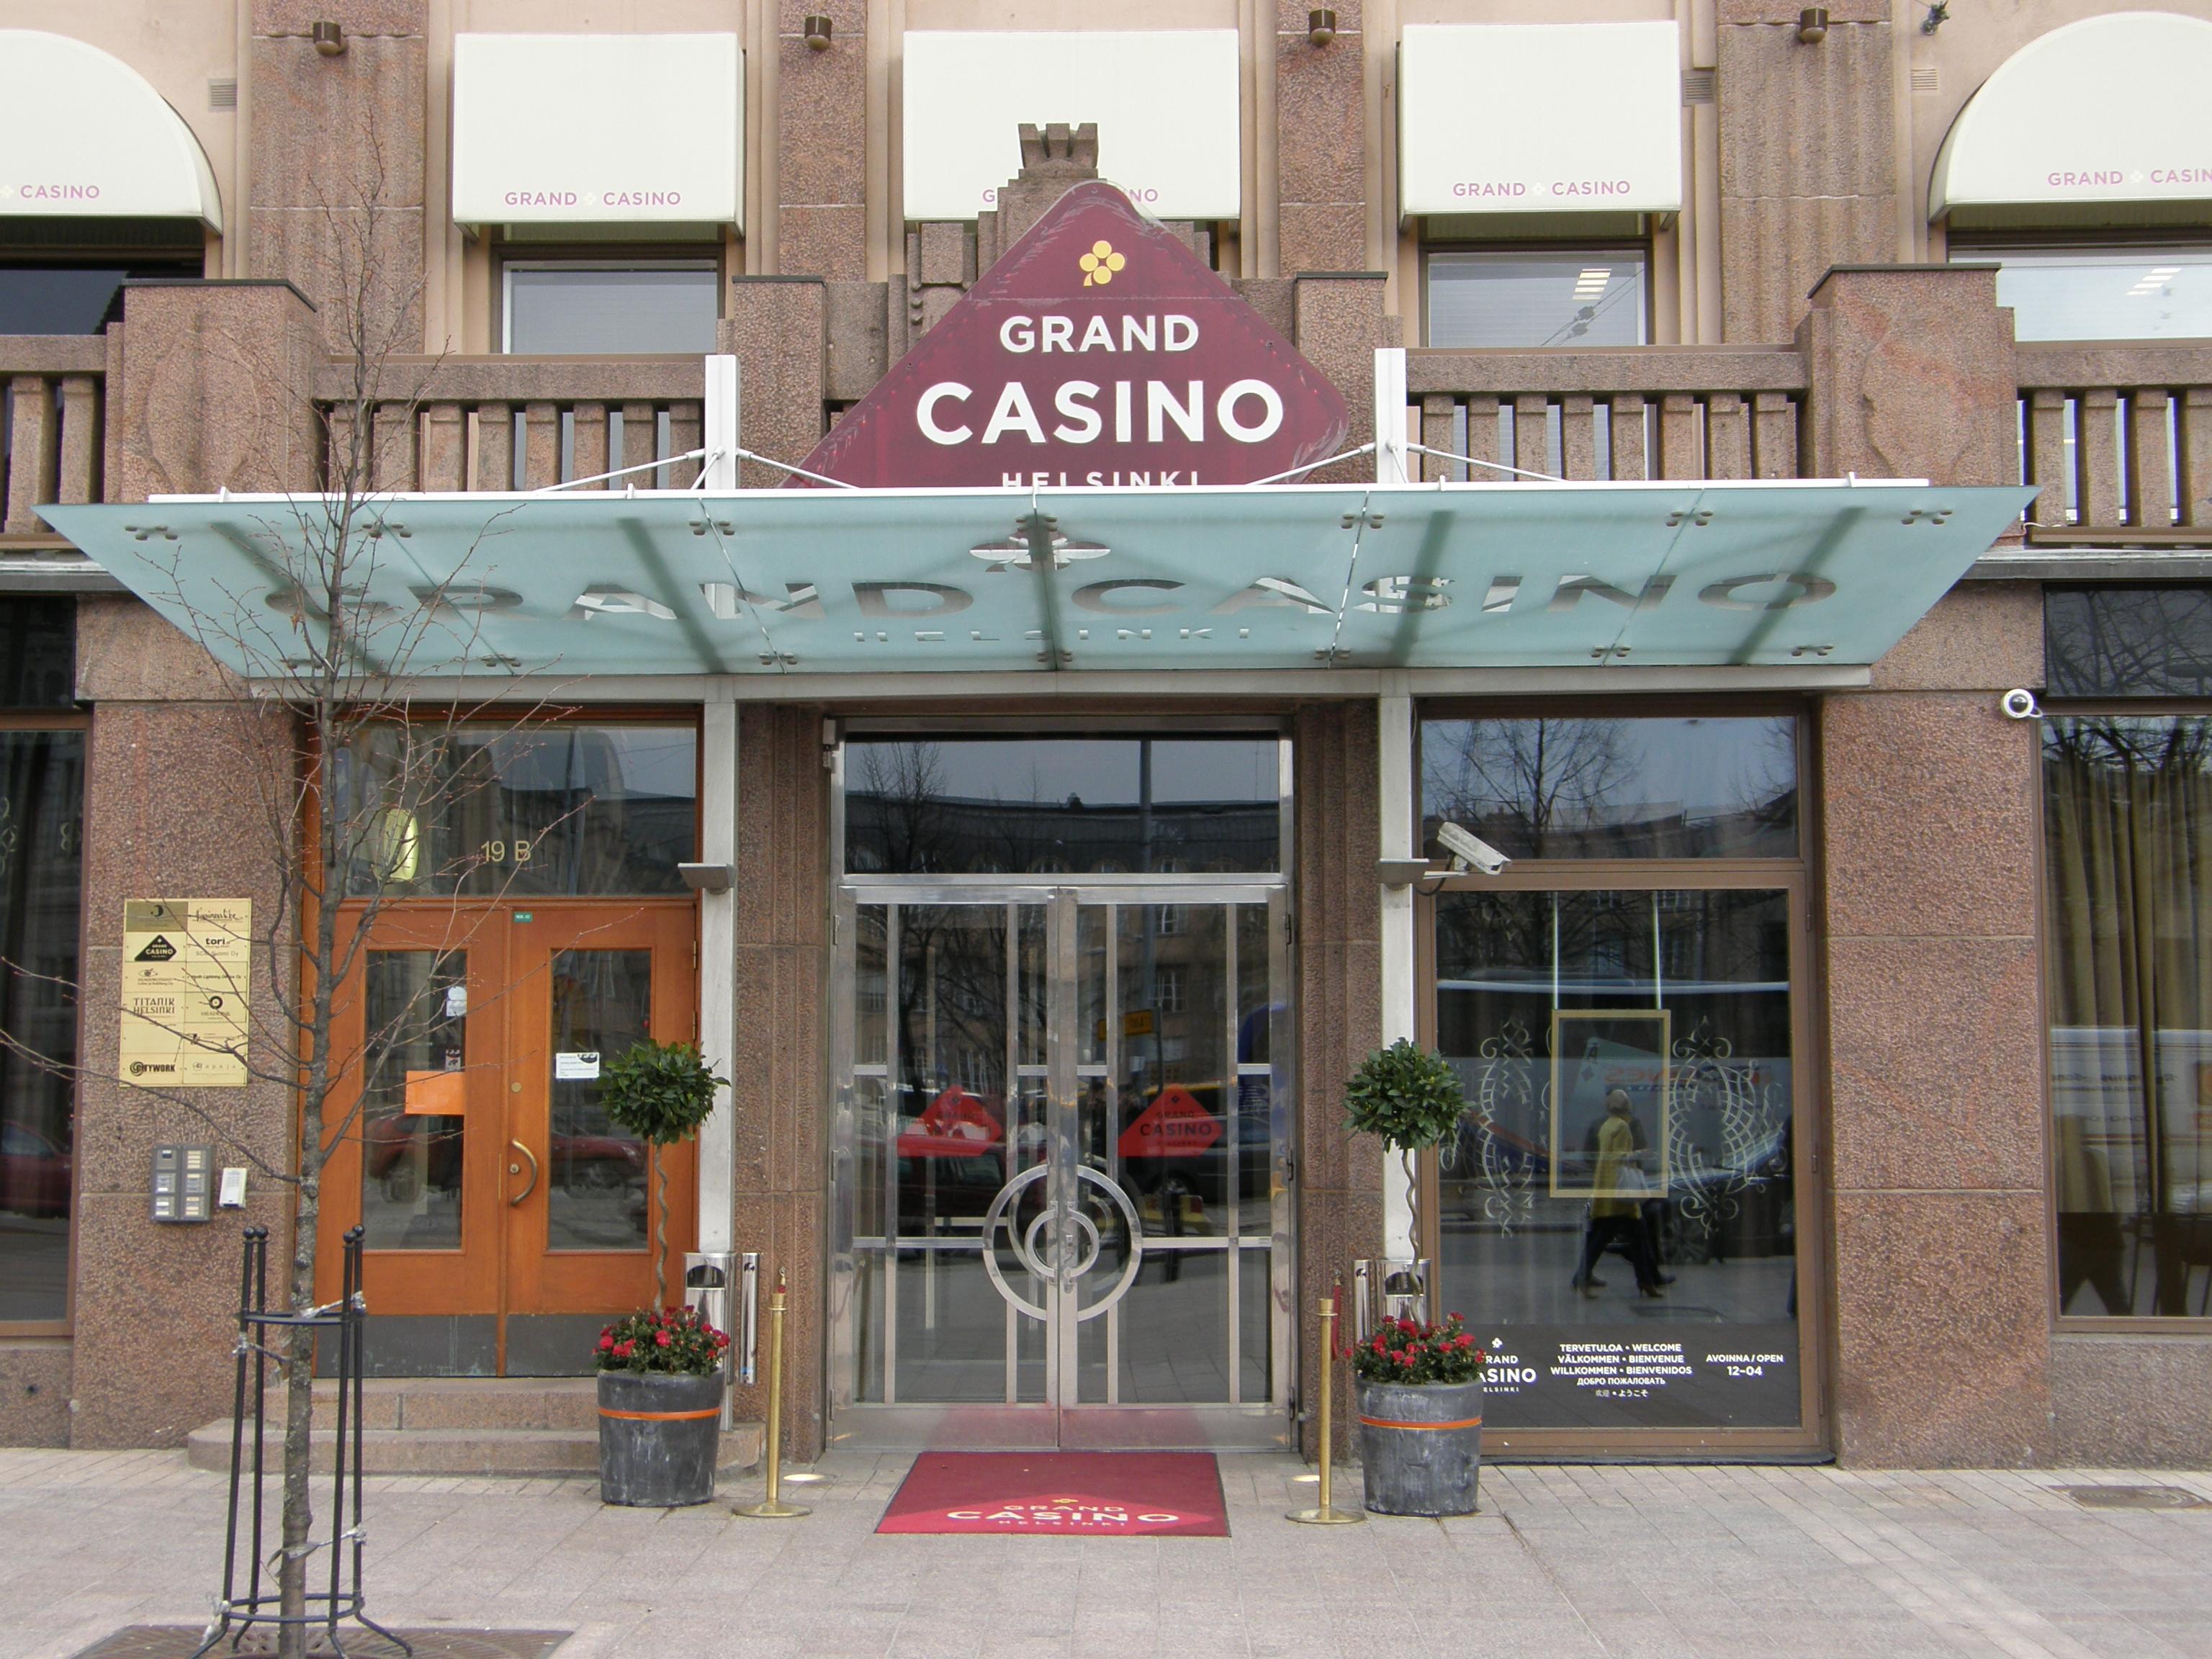 Хельсинки гранд казино что за хрень с интернет казино